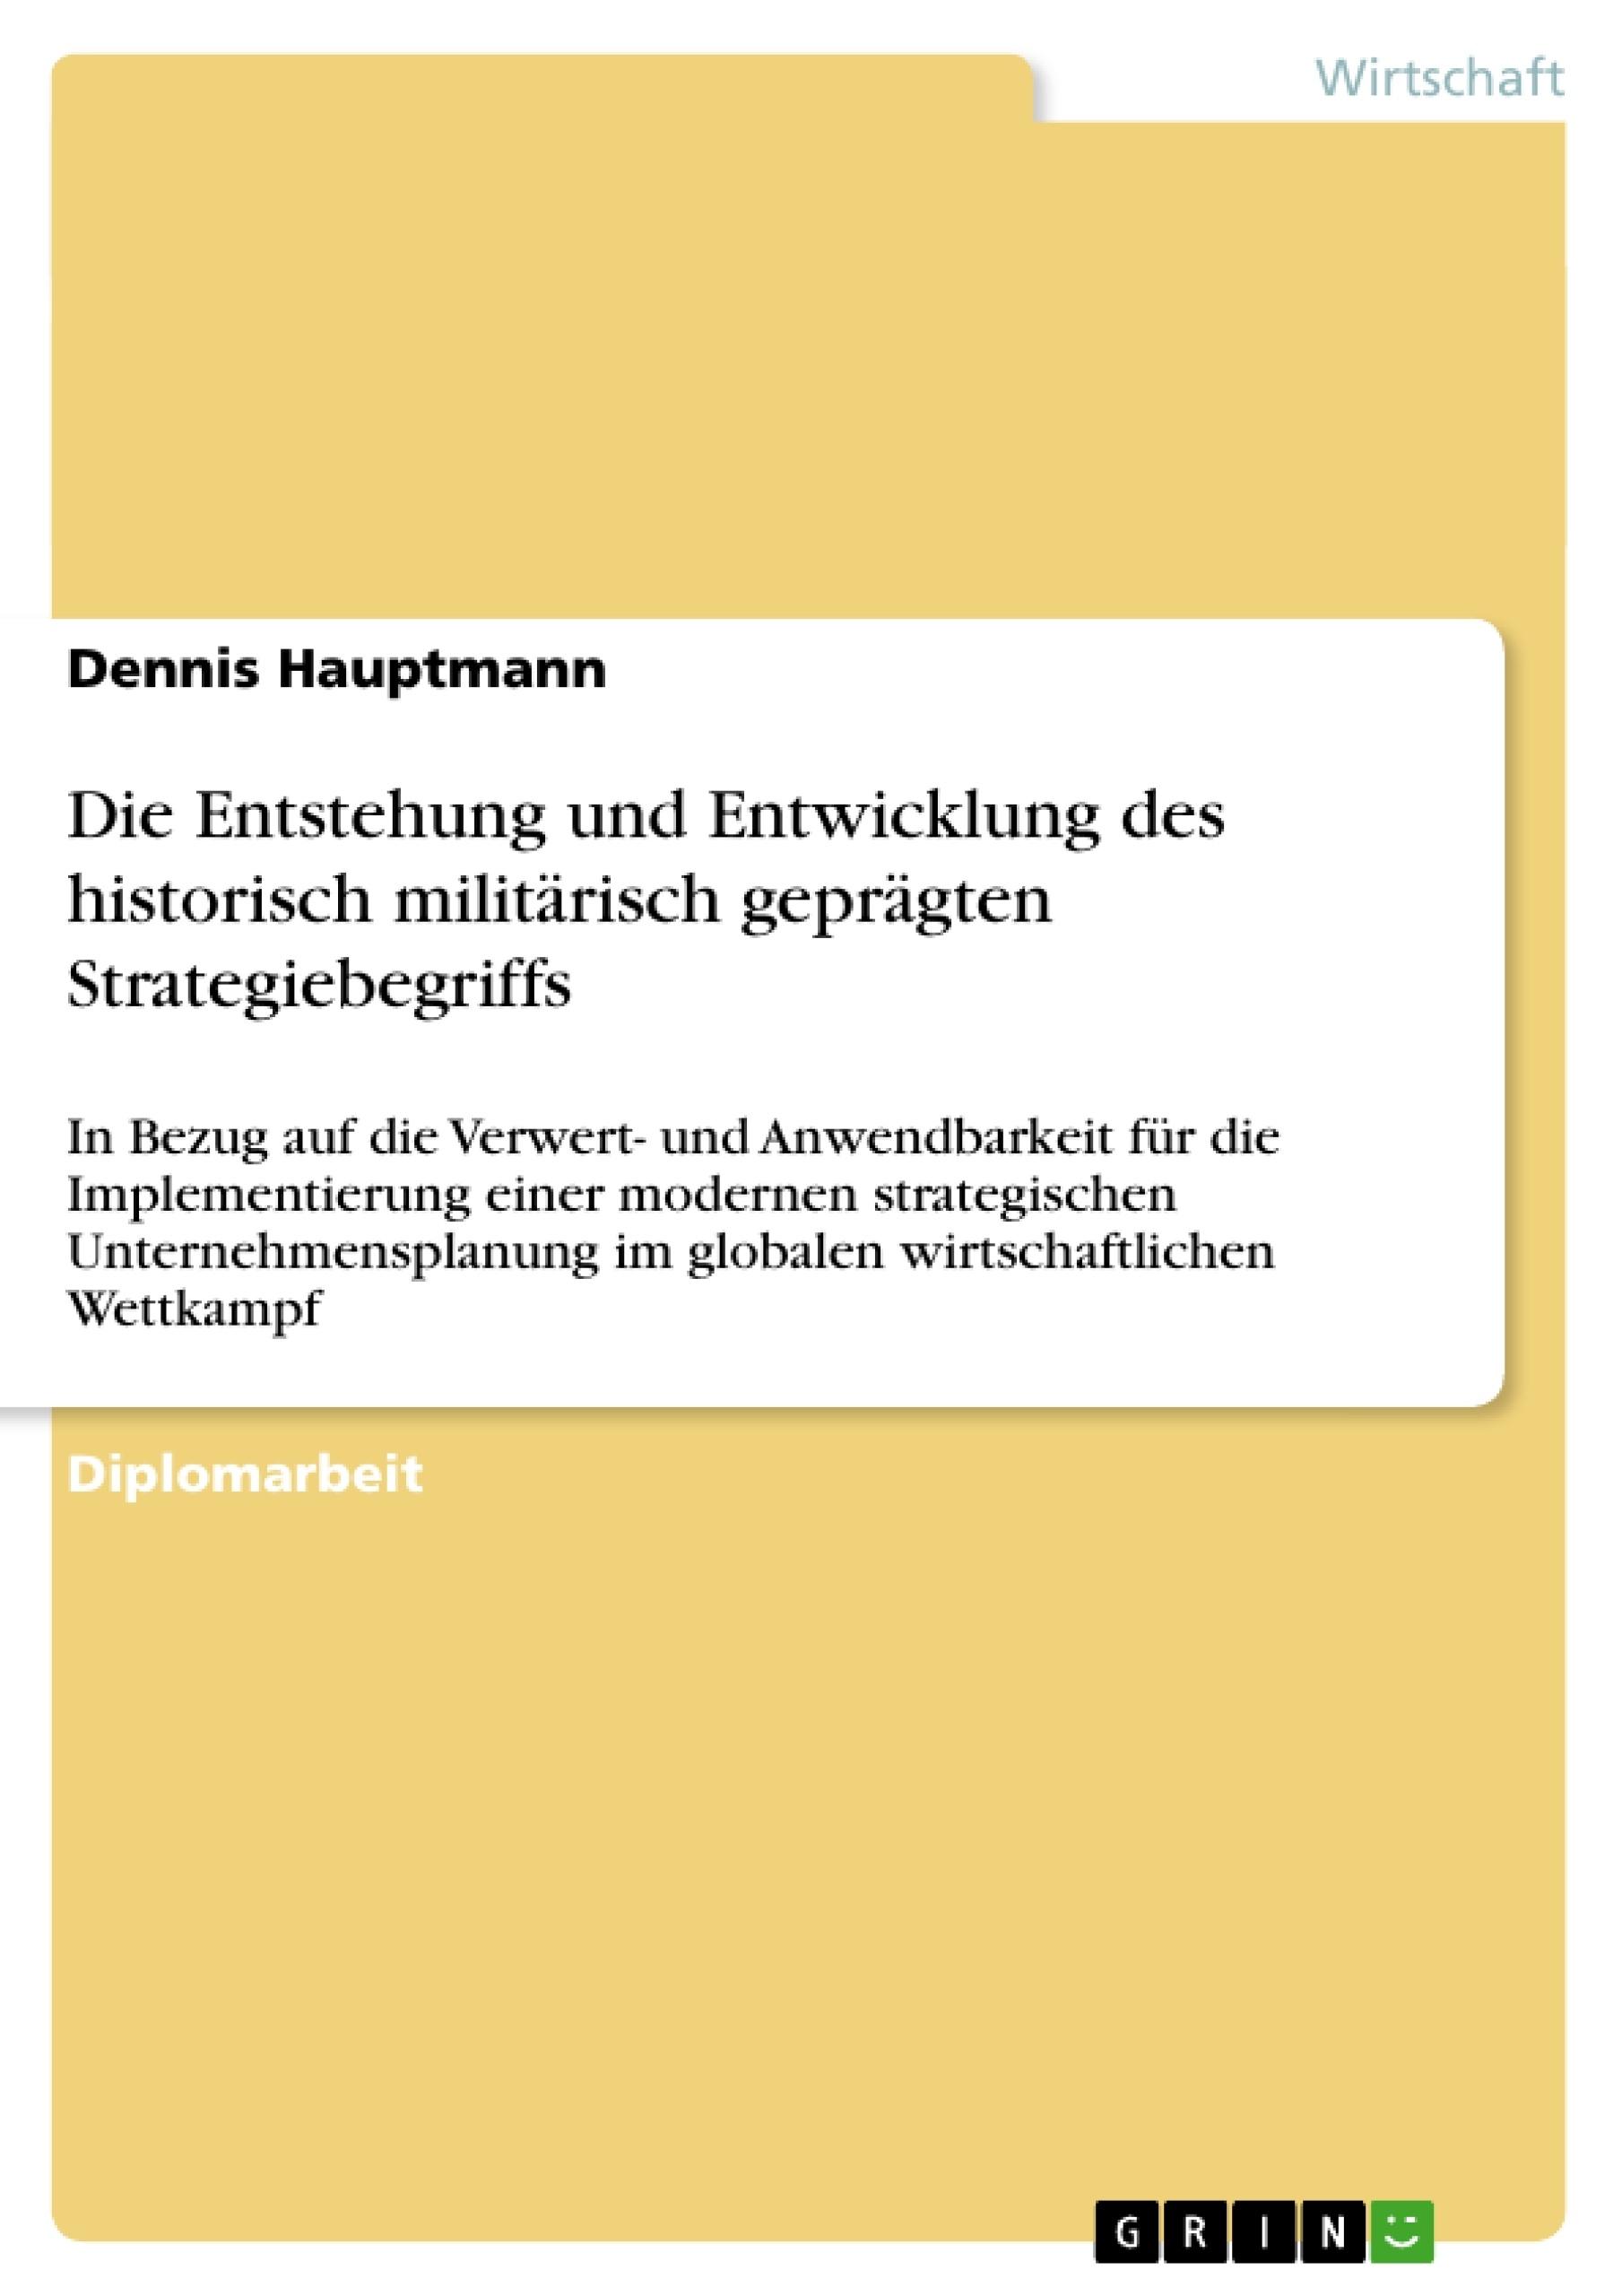 Titel: Die Entstehung und Entwicklung des historisch militärisch geprägten Strategiebegriffs